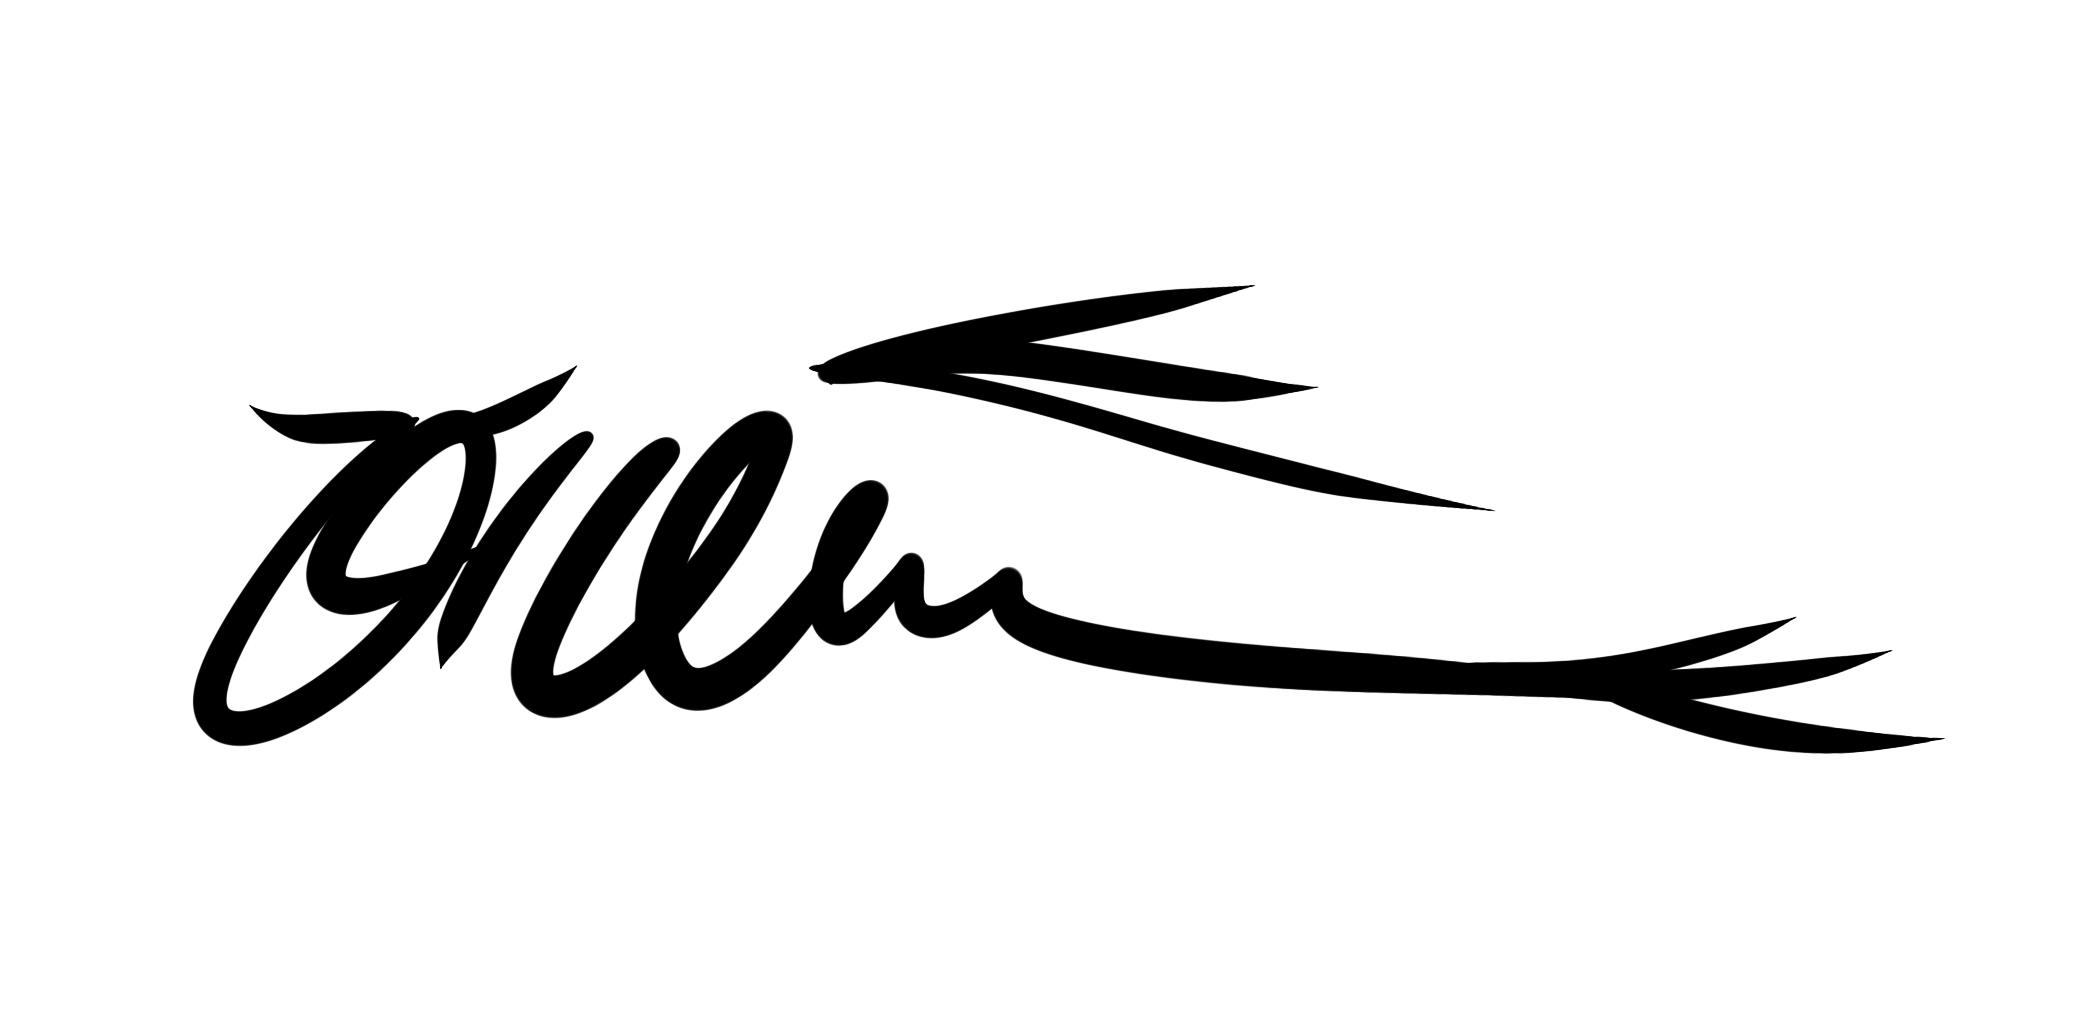 Edra Yahya's Signature